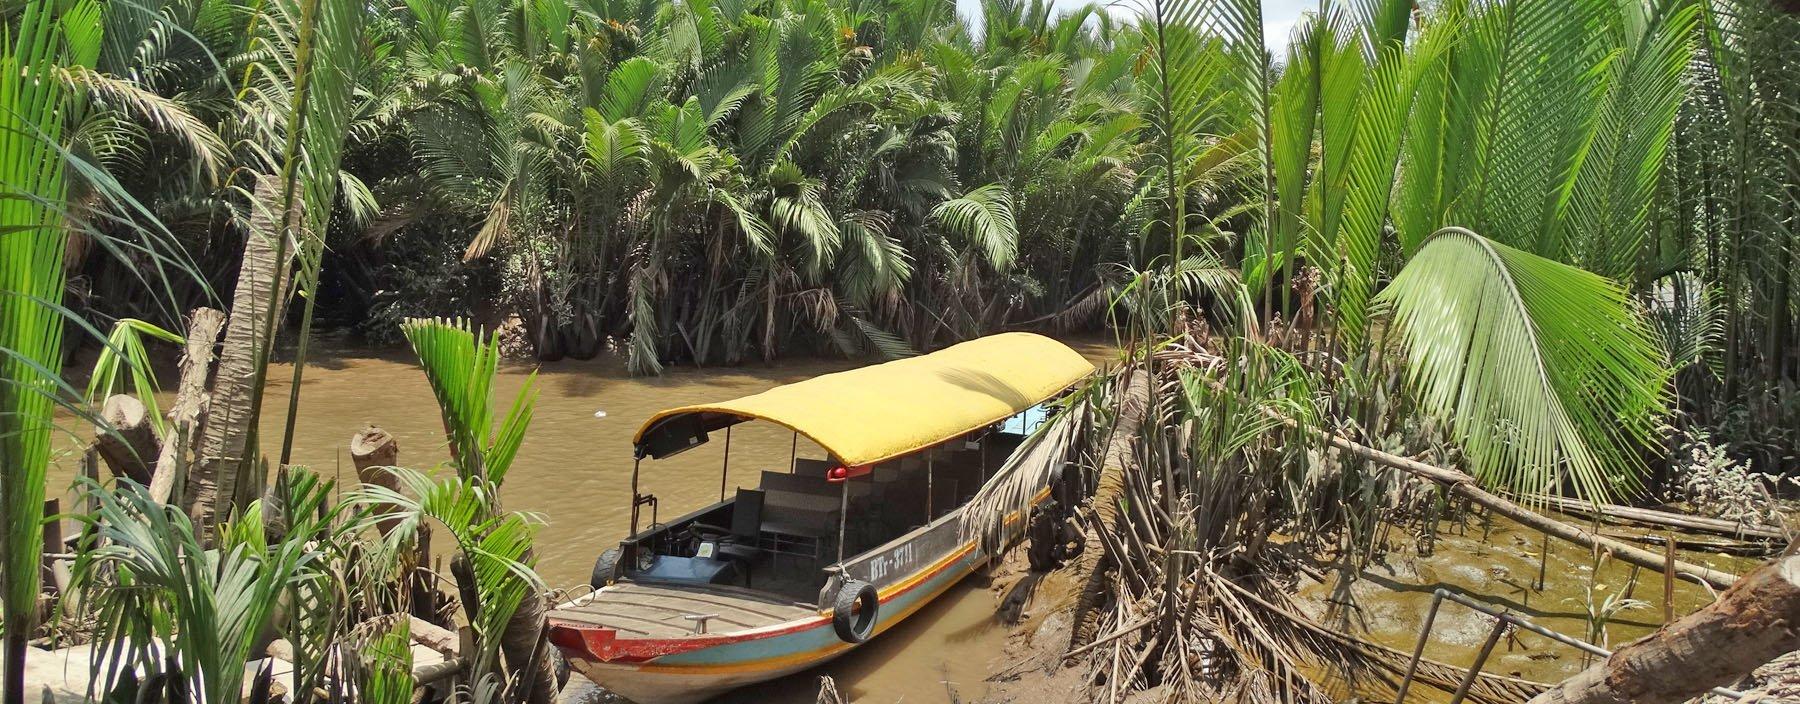 vn, mekong delta, boot tour   (2).jpg